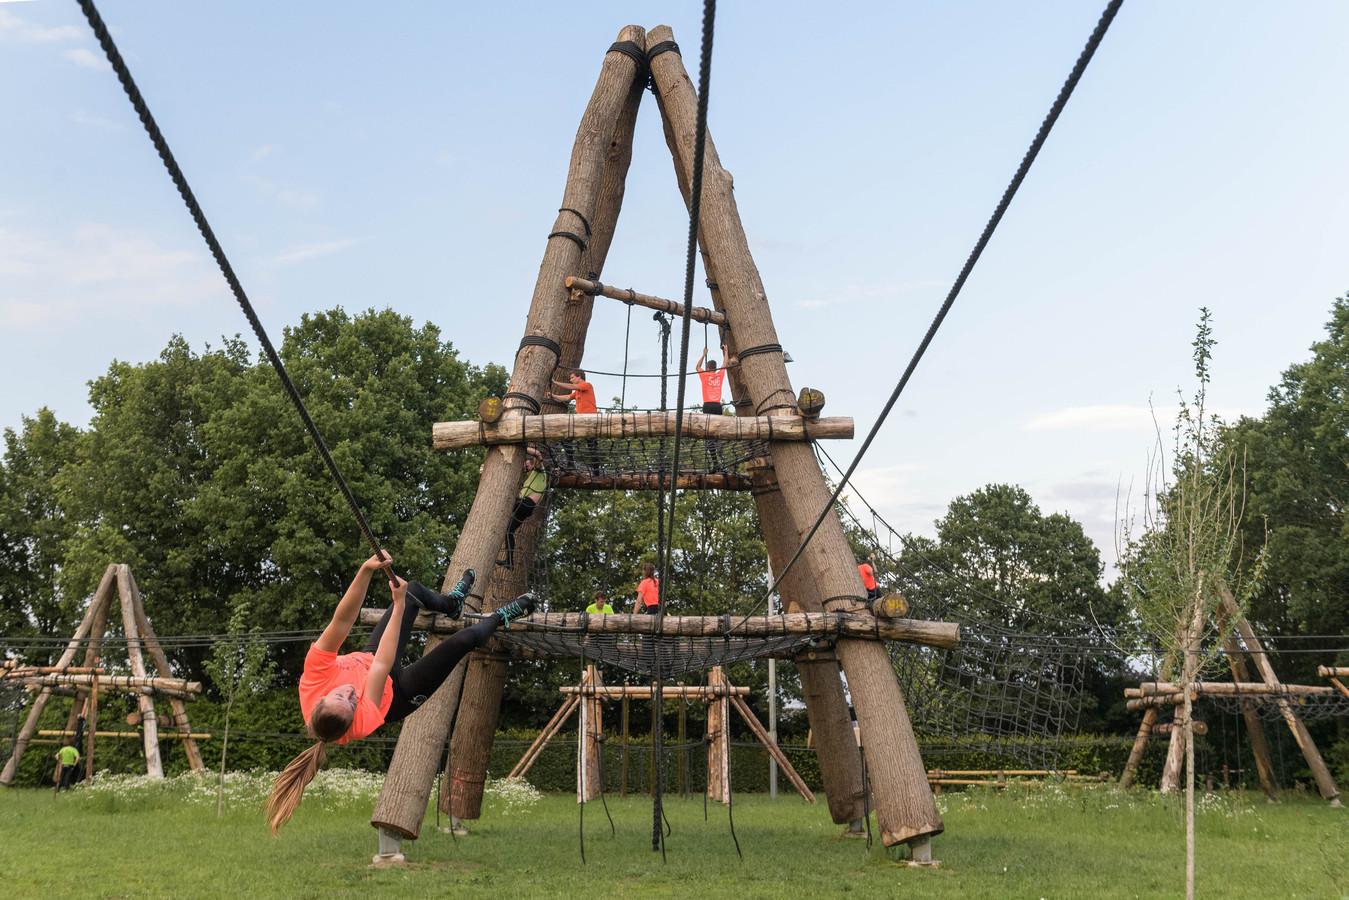 De hoogste hindernis in de nieuwe survivalbaan in Beltrum meet een dikke 16 meter.